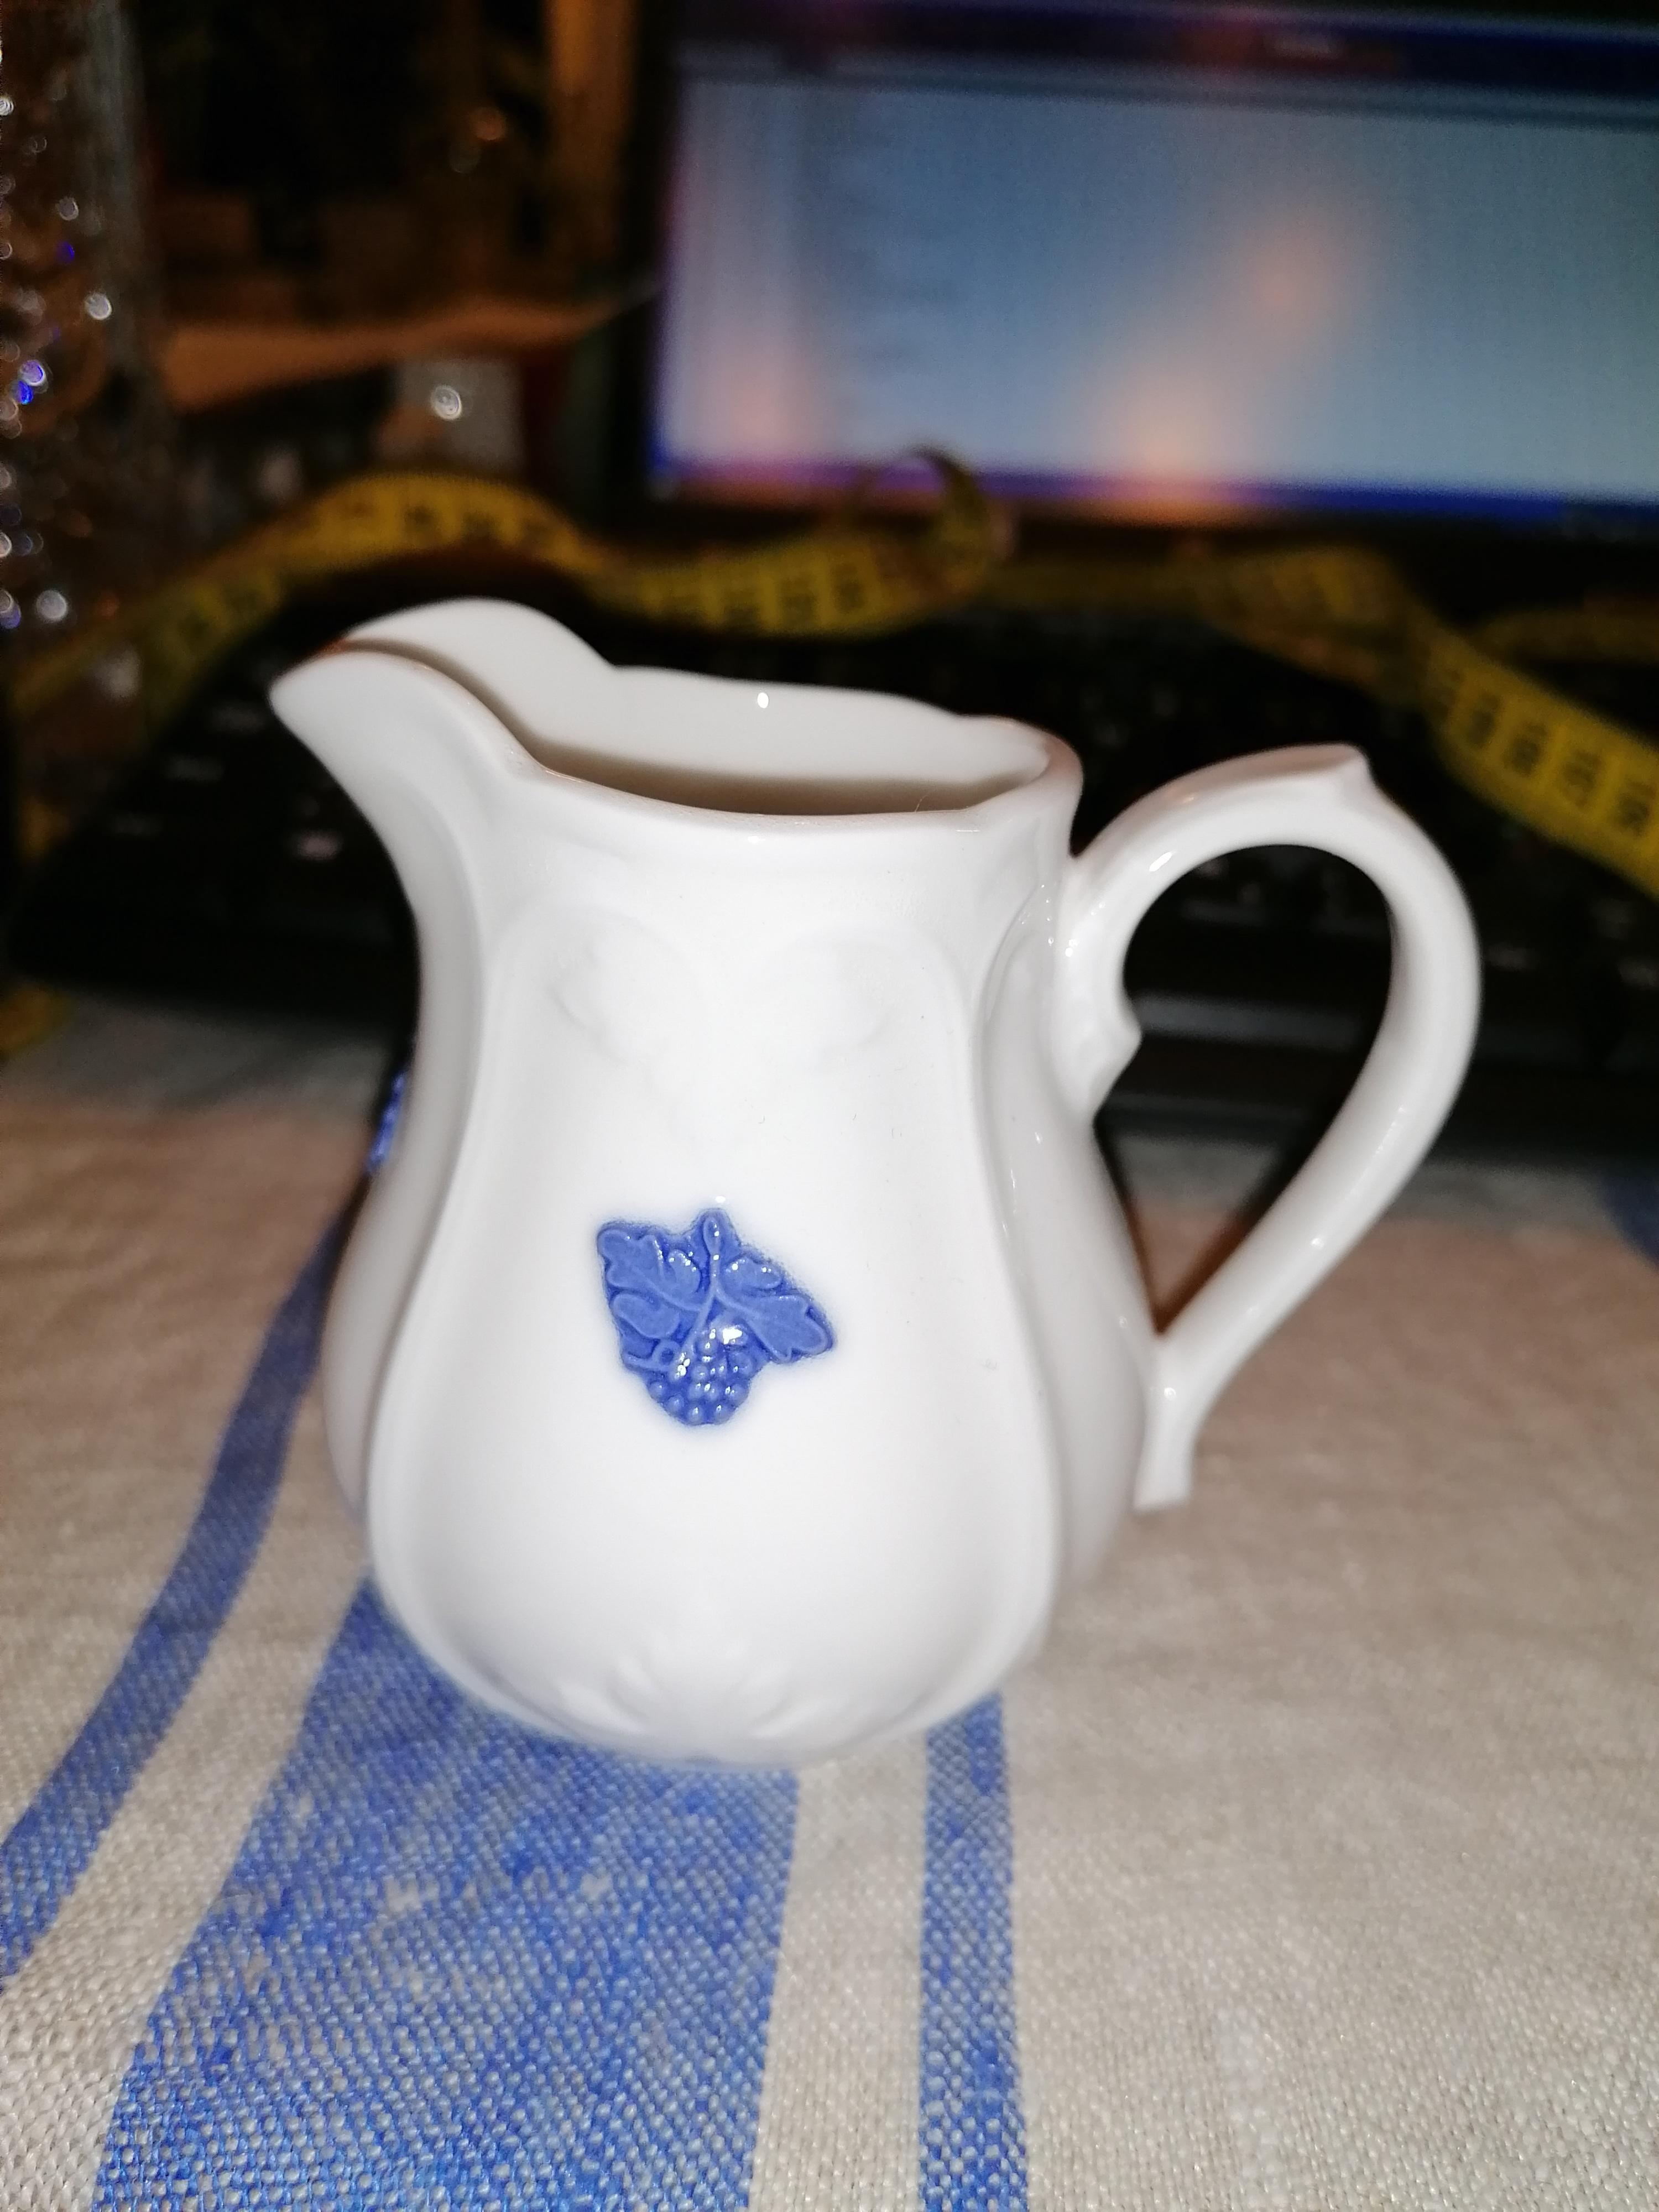 Sockerskål och gräddsnipa Blå blom